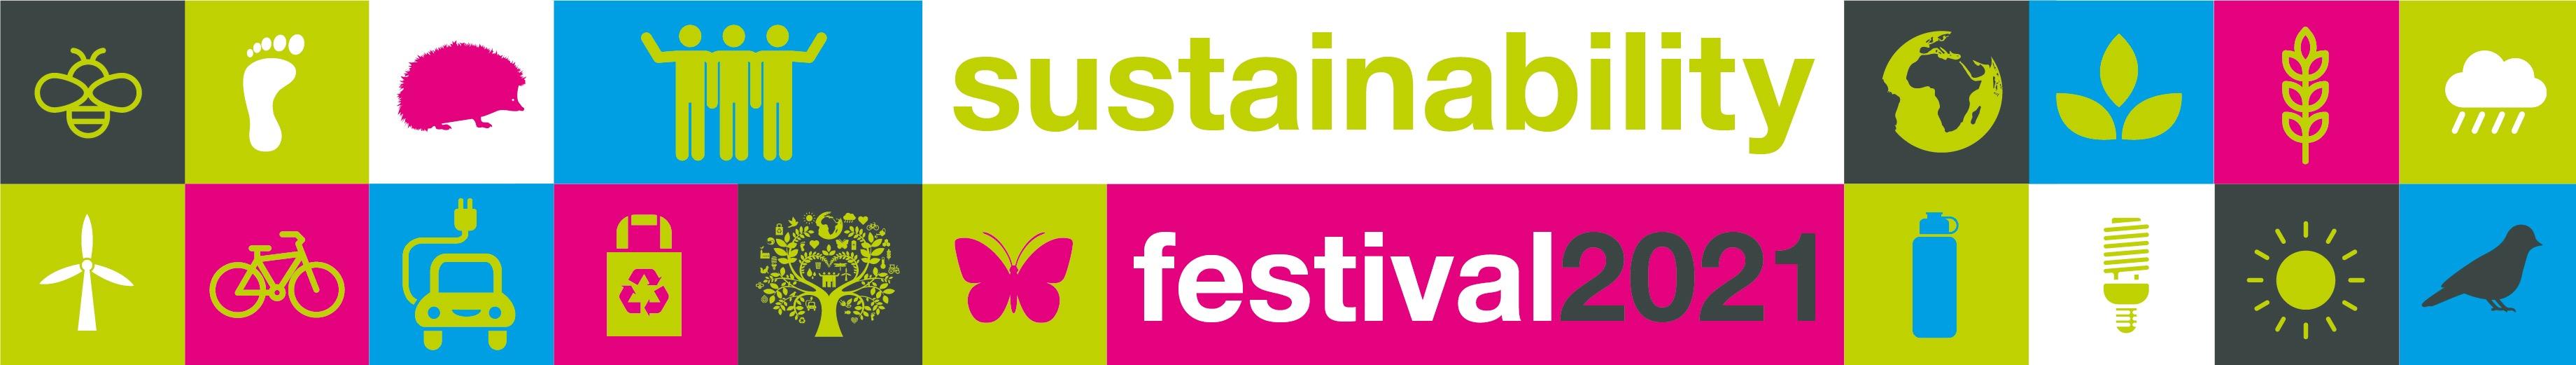 Sustainability Festival 2021